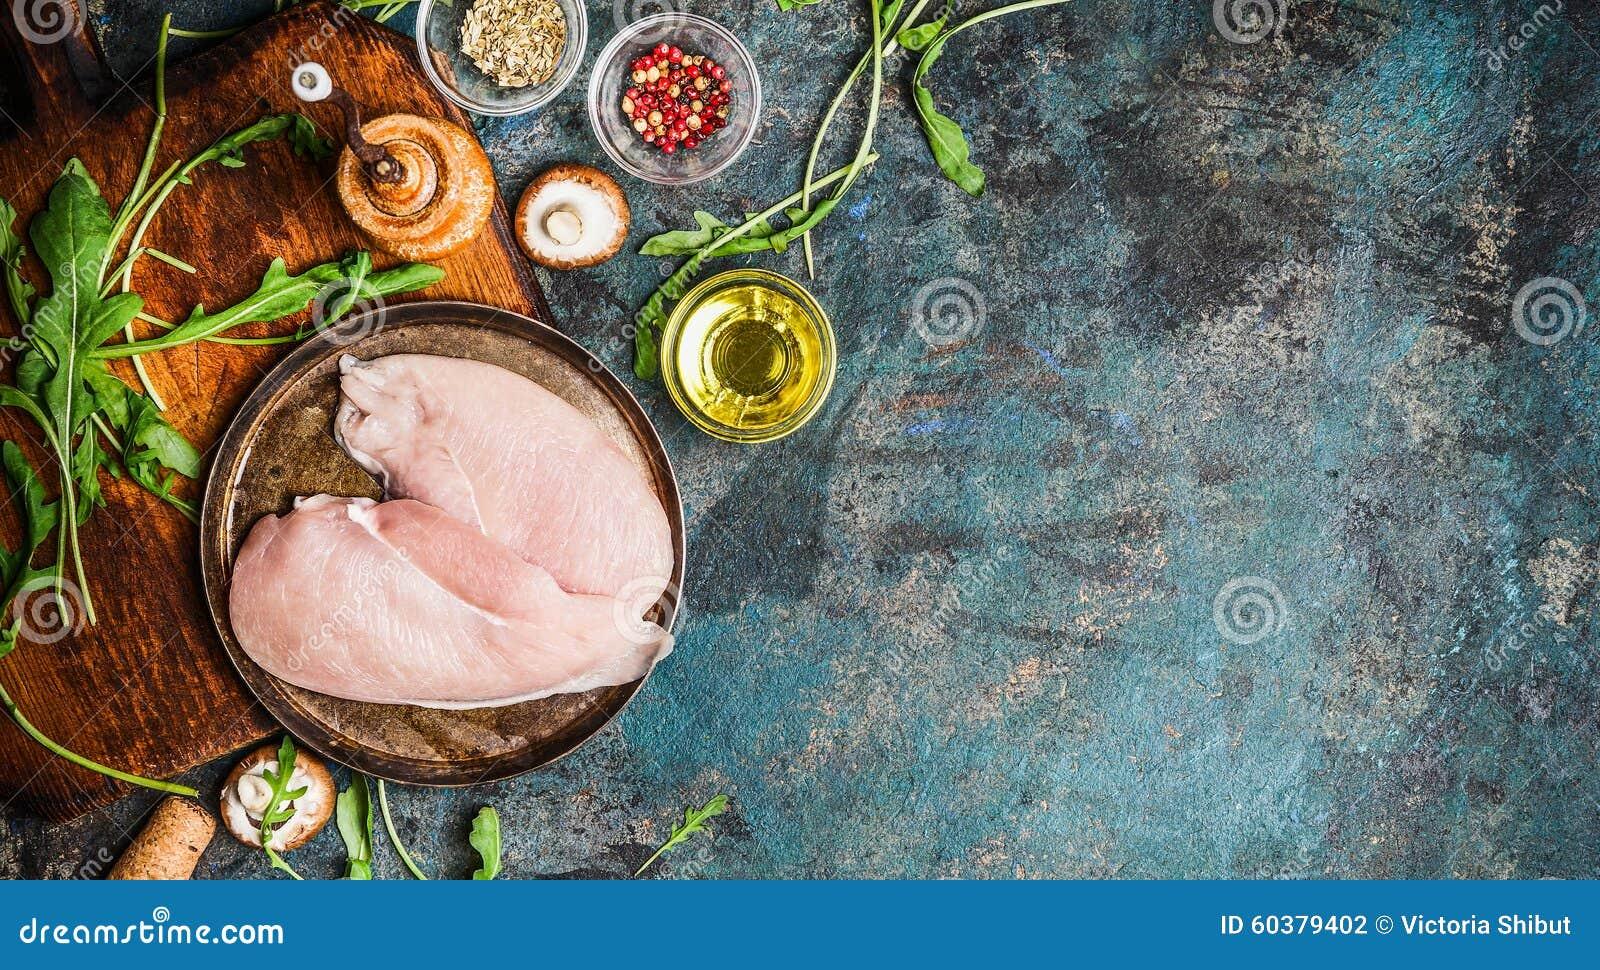 Blanc de poulet cru et ingrédients frais pour faire cuire sur le fond rustique bleu, vue supérieure, bannière